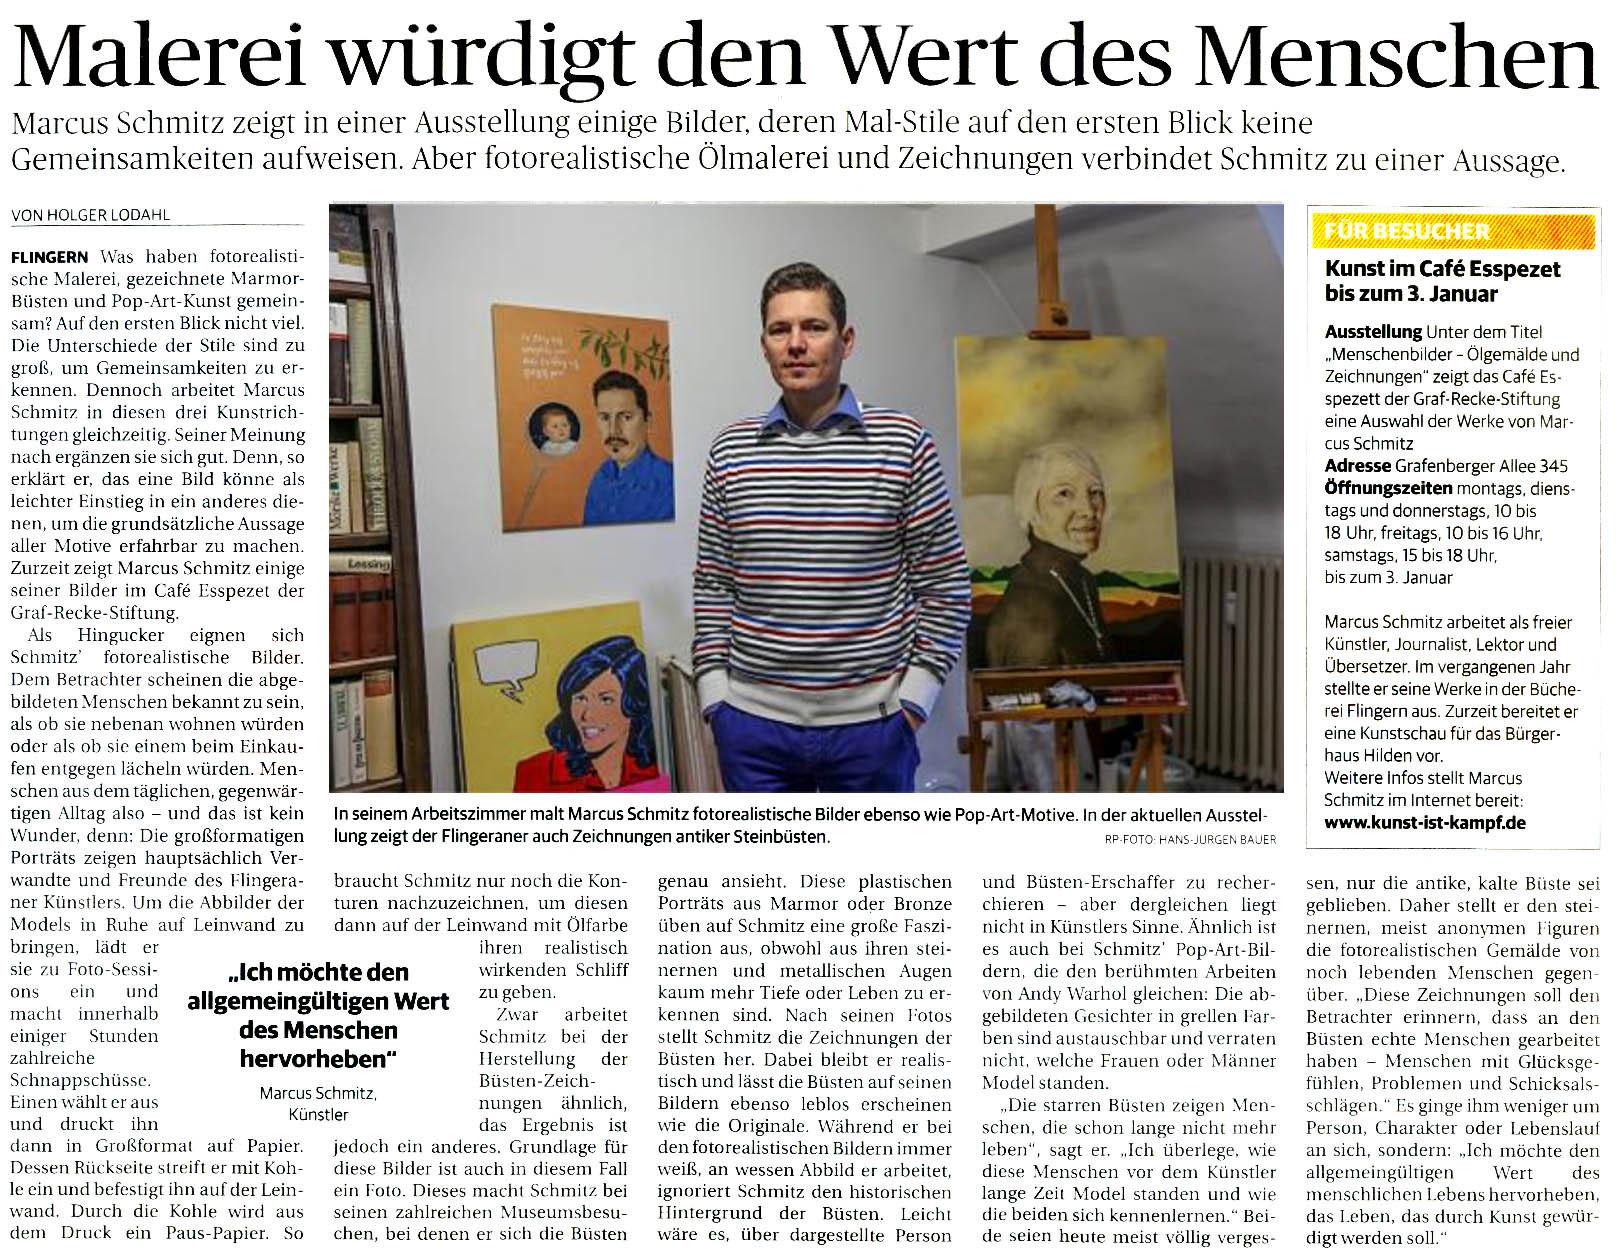 © Rheinische Post, Holger Lodahl (Text), Hans-Jürgen Bauer (Foto), 20.12.2013